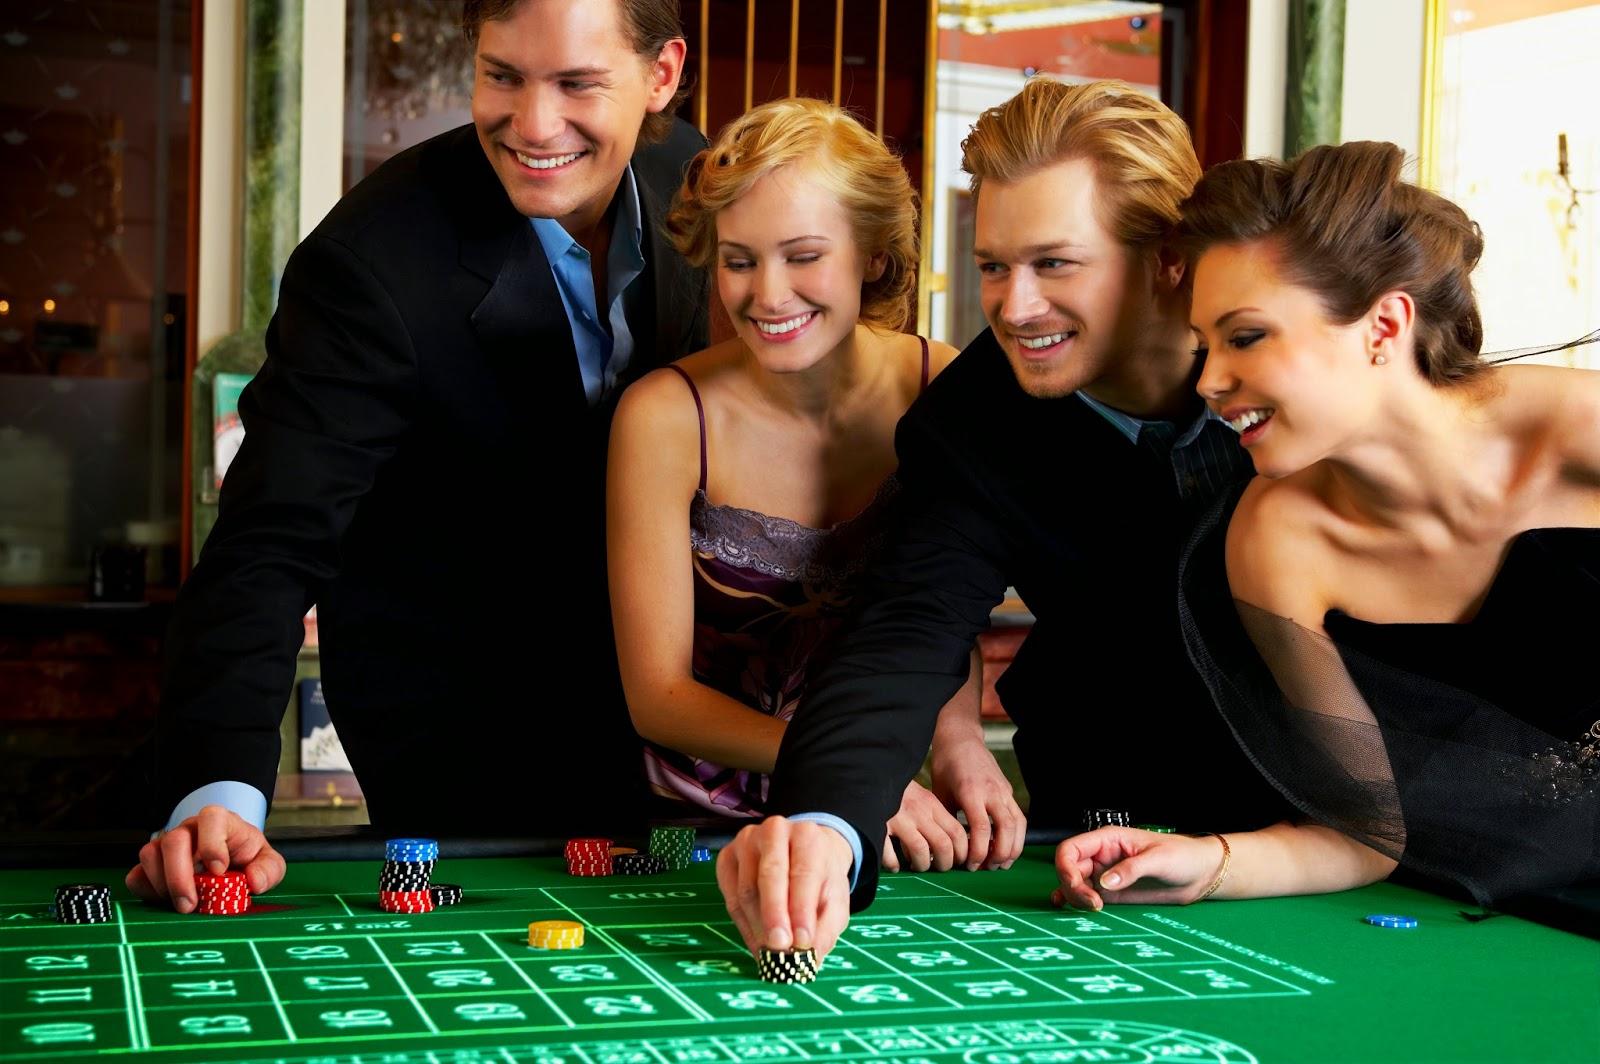 Casino cli program gamble in a casino